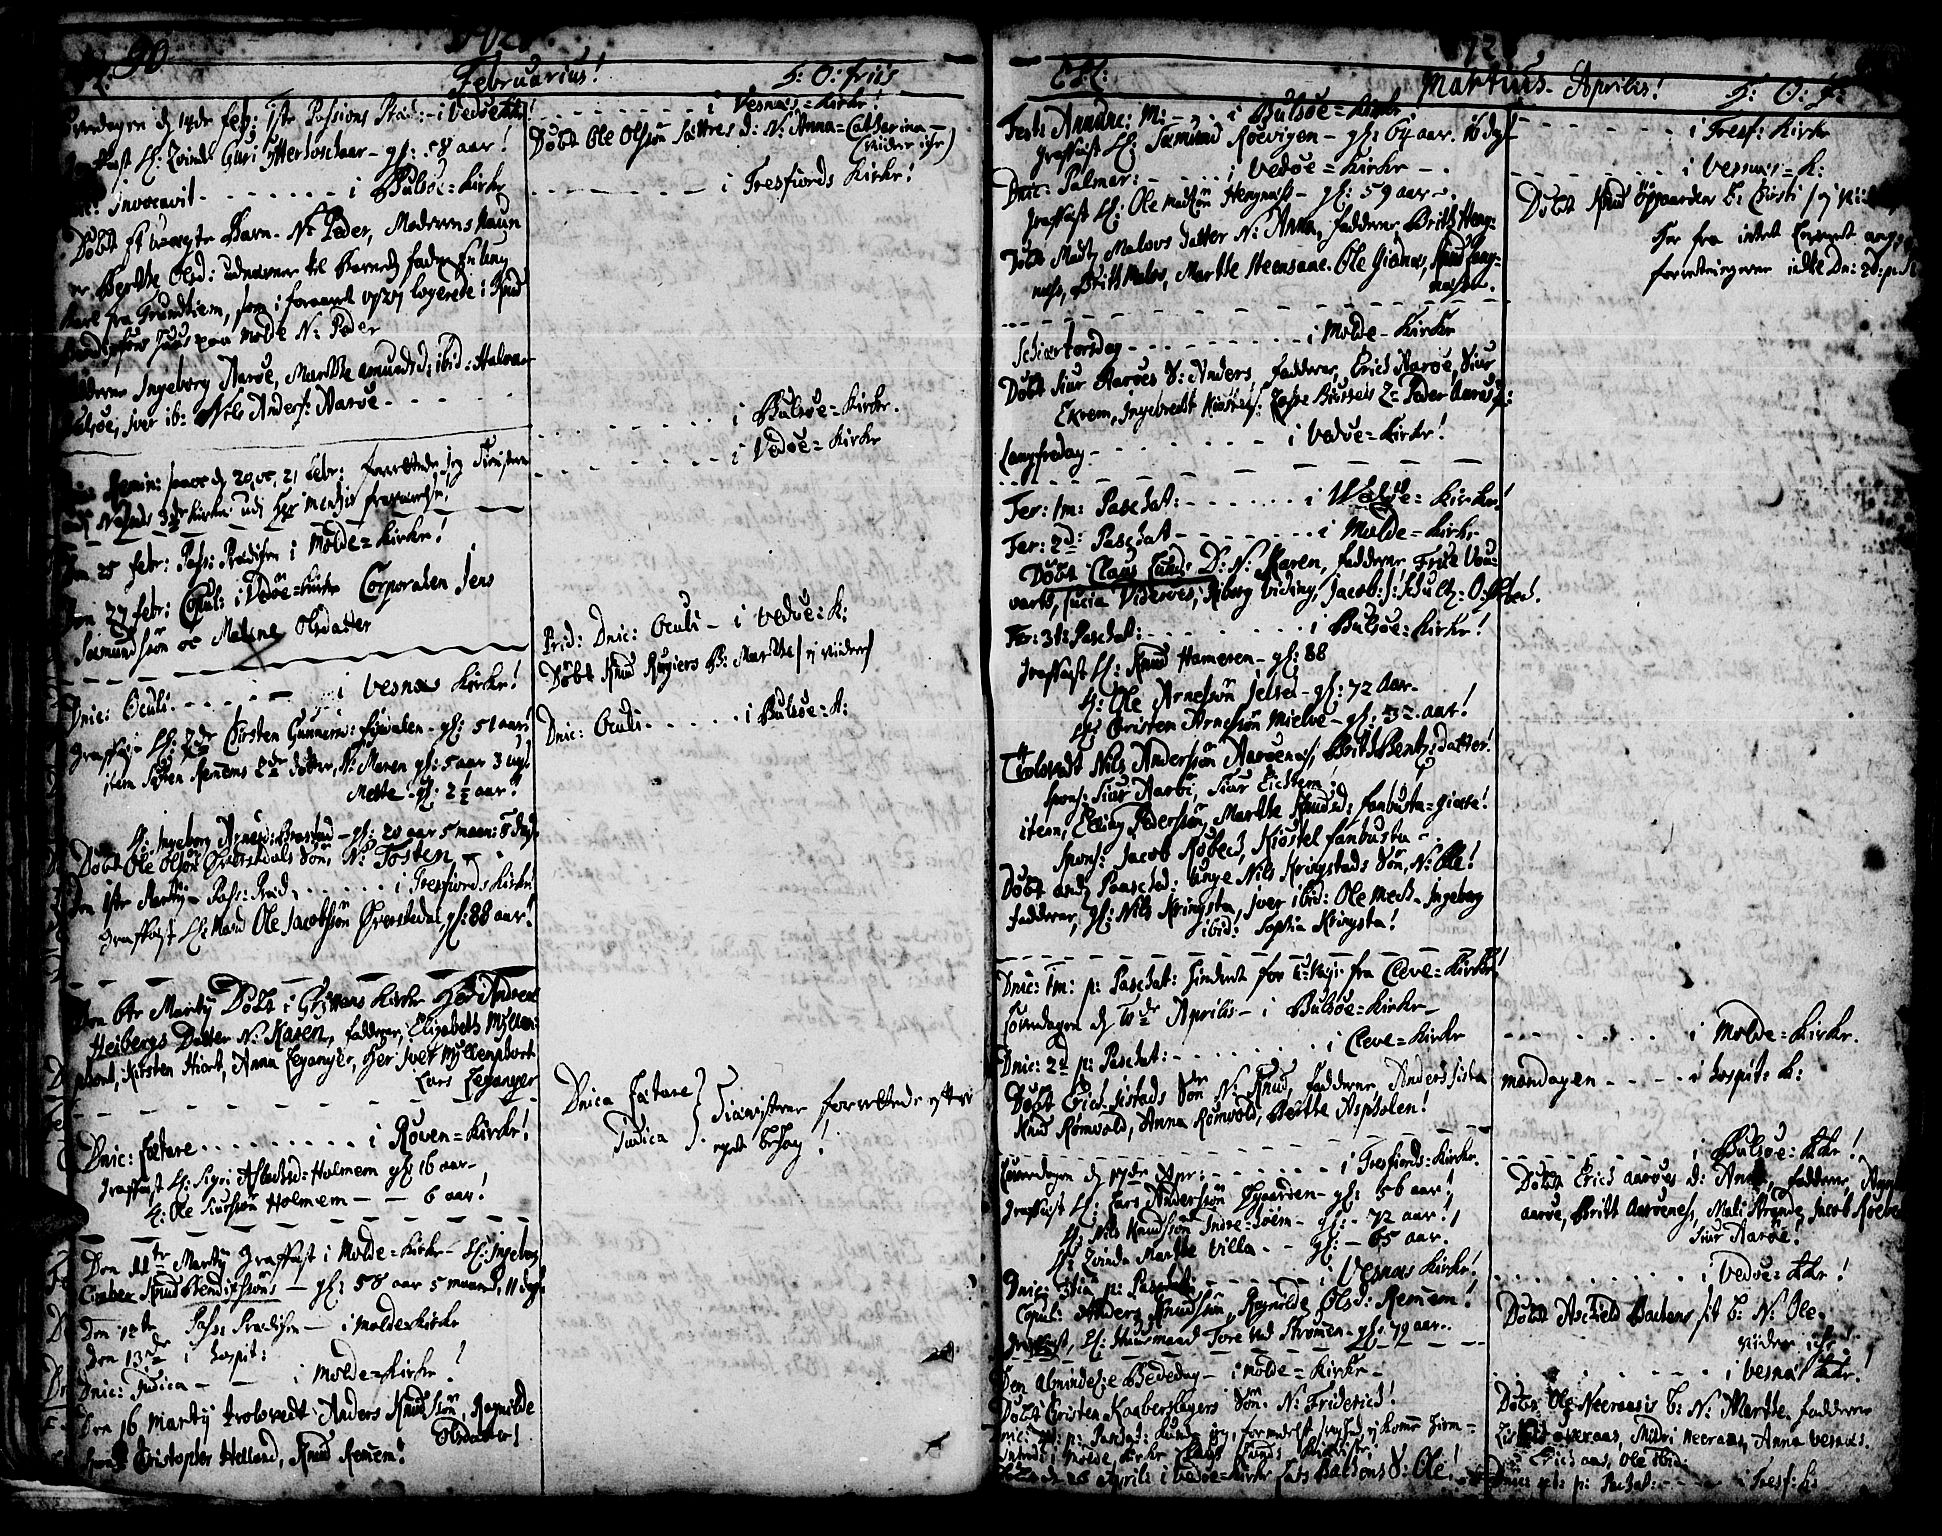 SAT, Ministerialprotokoller, klokkerbøker og fødselsregistre - Møre og Romsdal, 547/L0599: Ministerialbok nr. 547A01, 1721-1764, s. 92-93